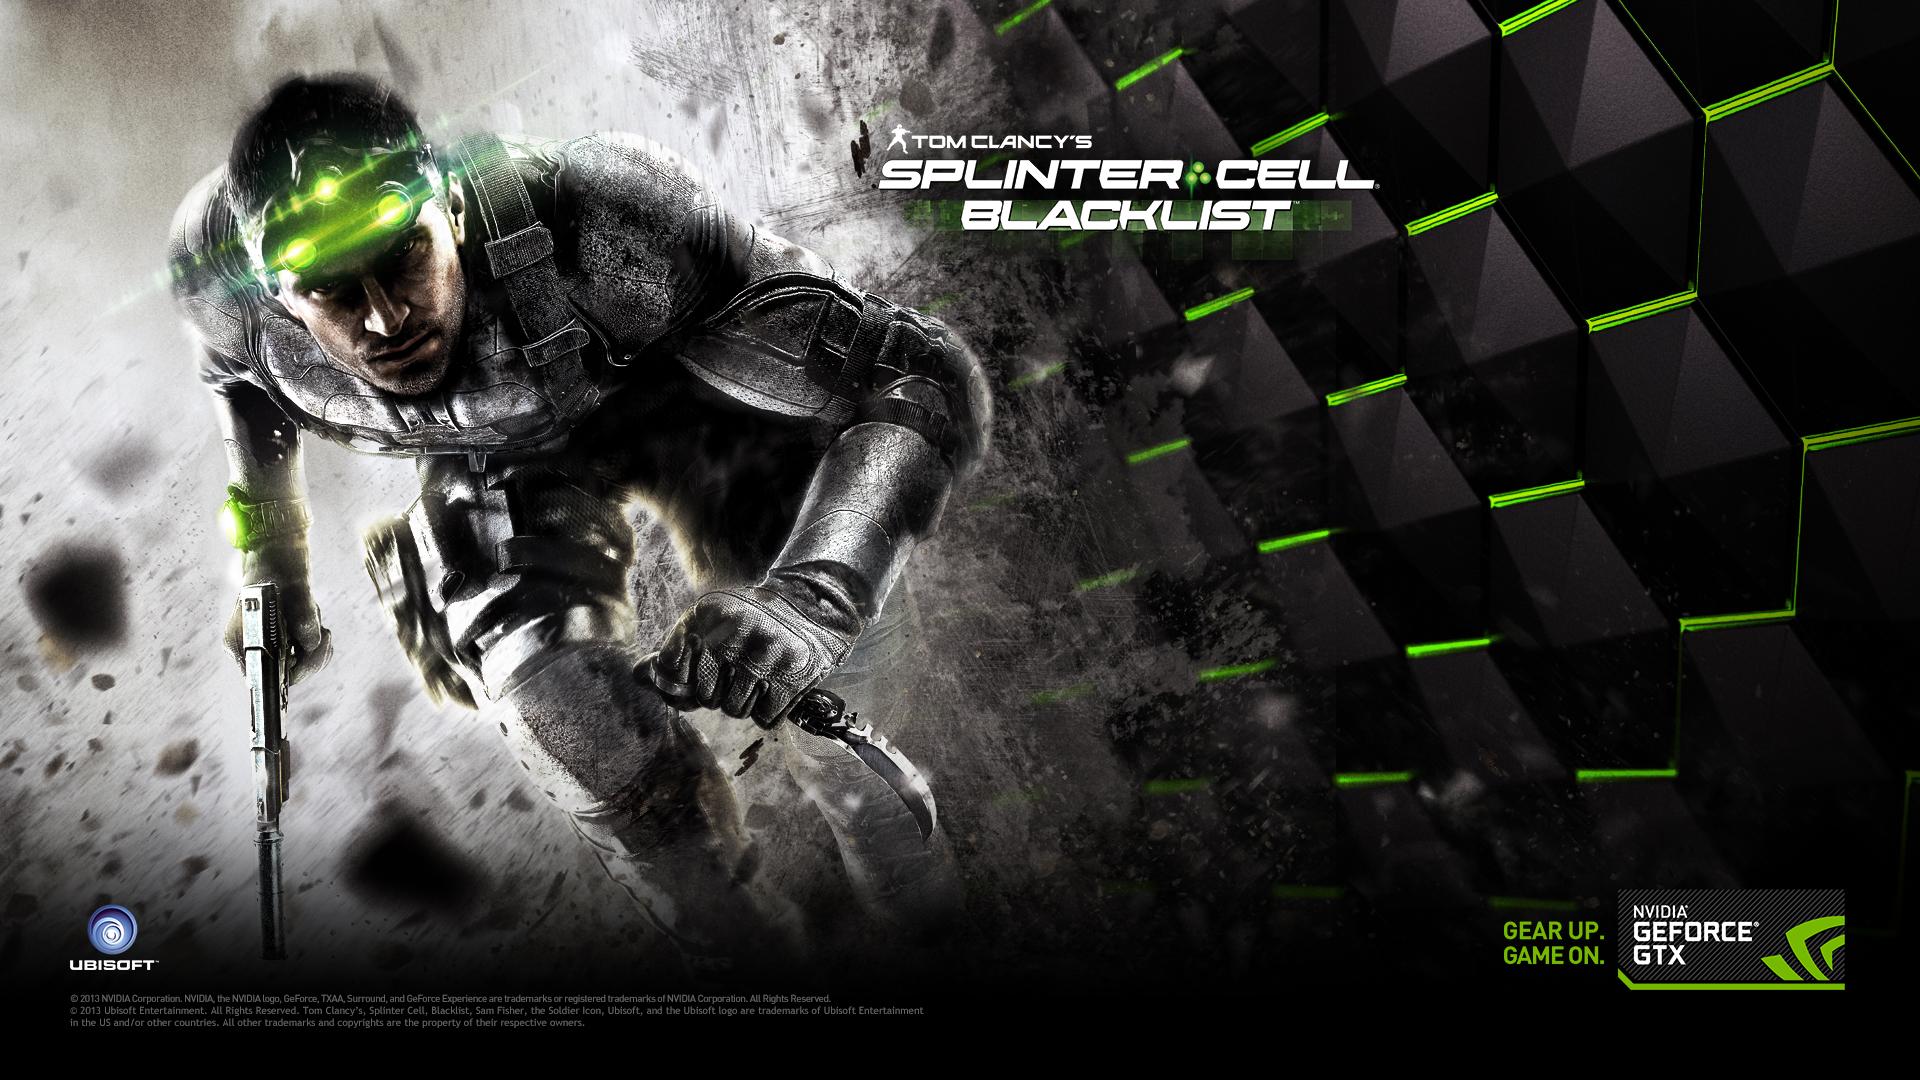 splinter cell blacklist wallpaper - wallpapersafari